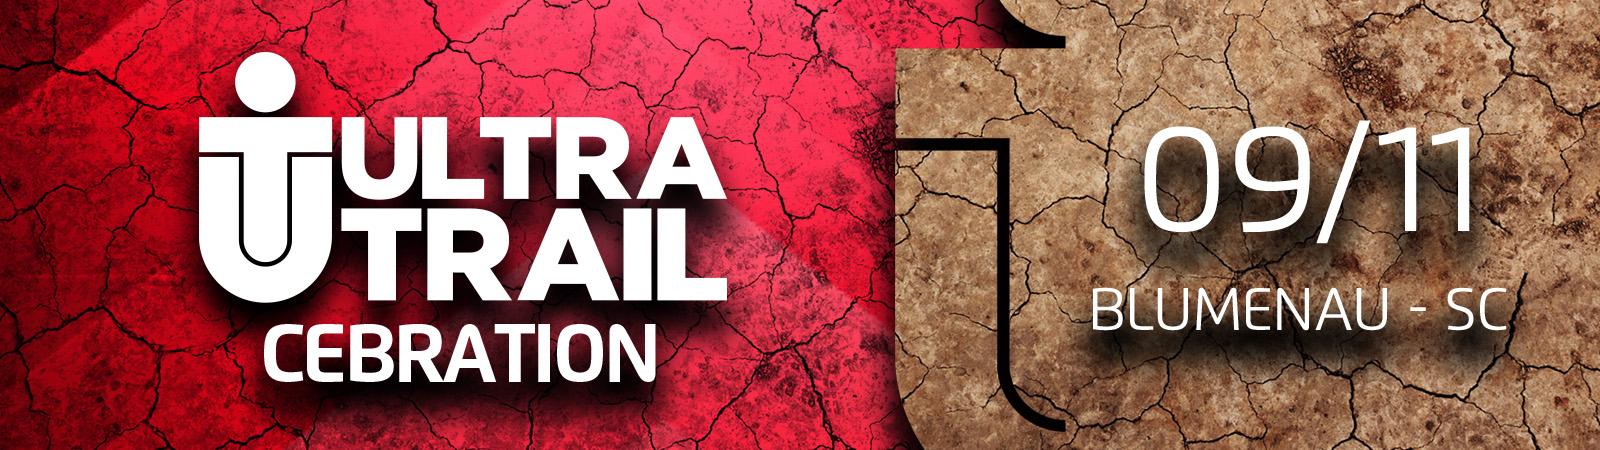 ULTRA TRAIL CELEBRATION 2019